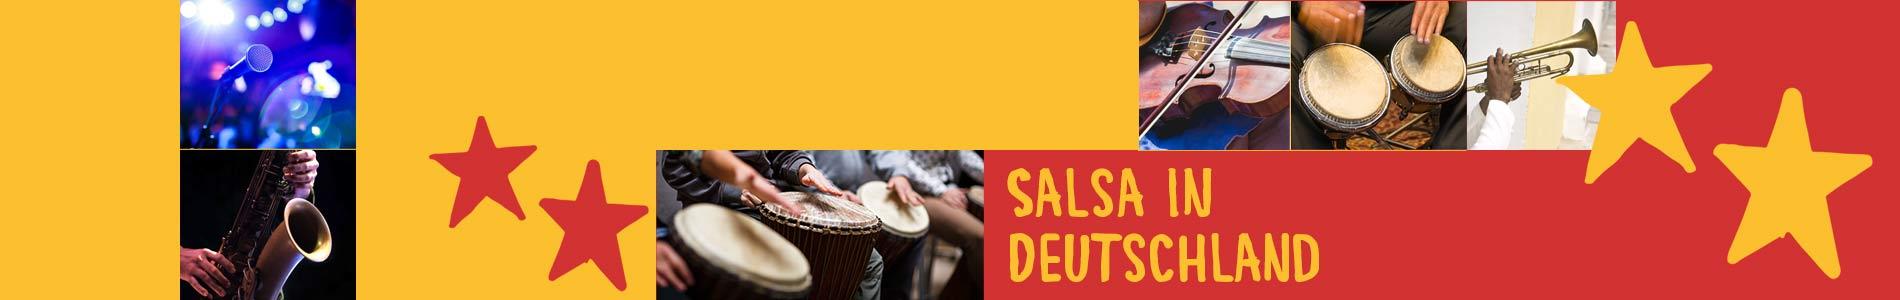 Salsa in Cadenberge – Salsa lernen und tanzen, Tanzkurse, Partys, Veranstaltungen